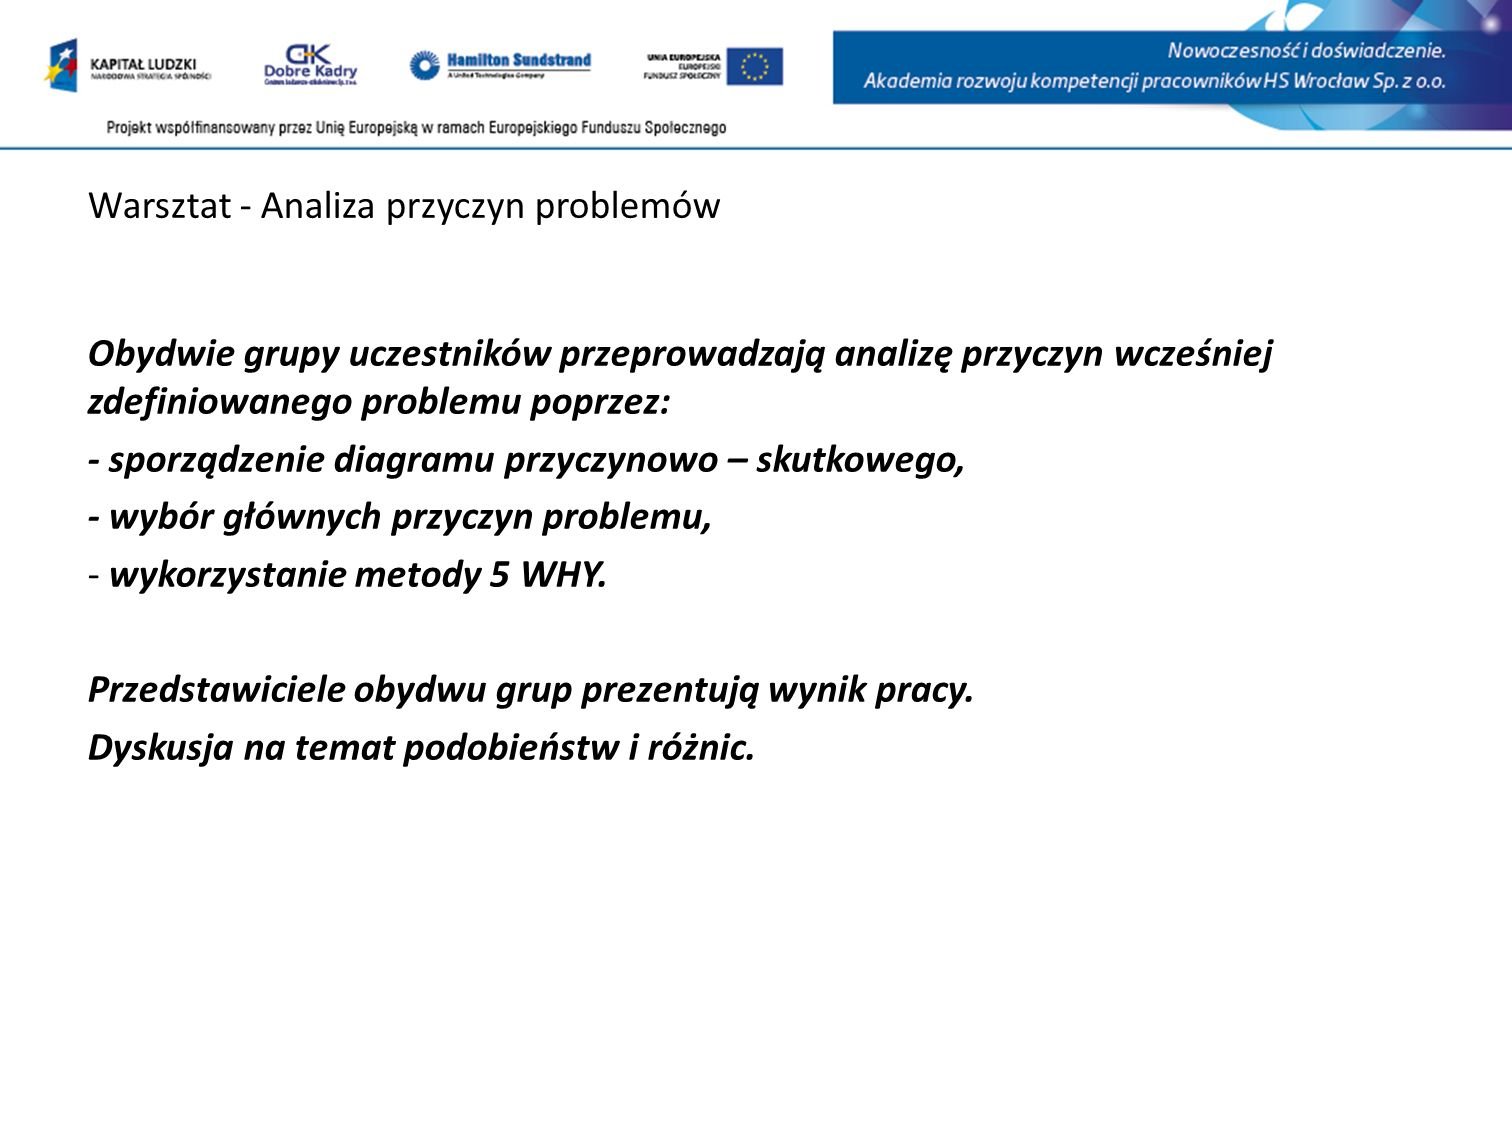 Warsztat - Analiza przyczyn problemów